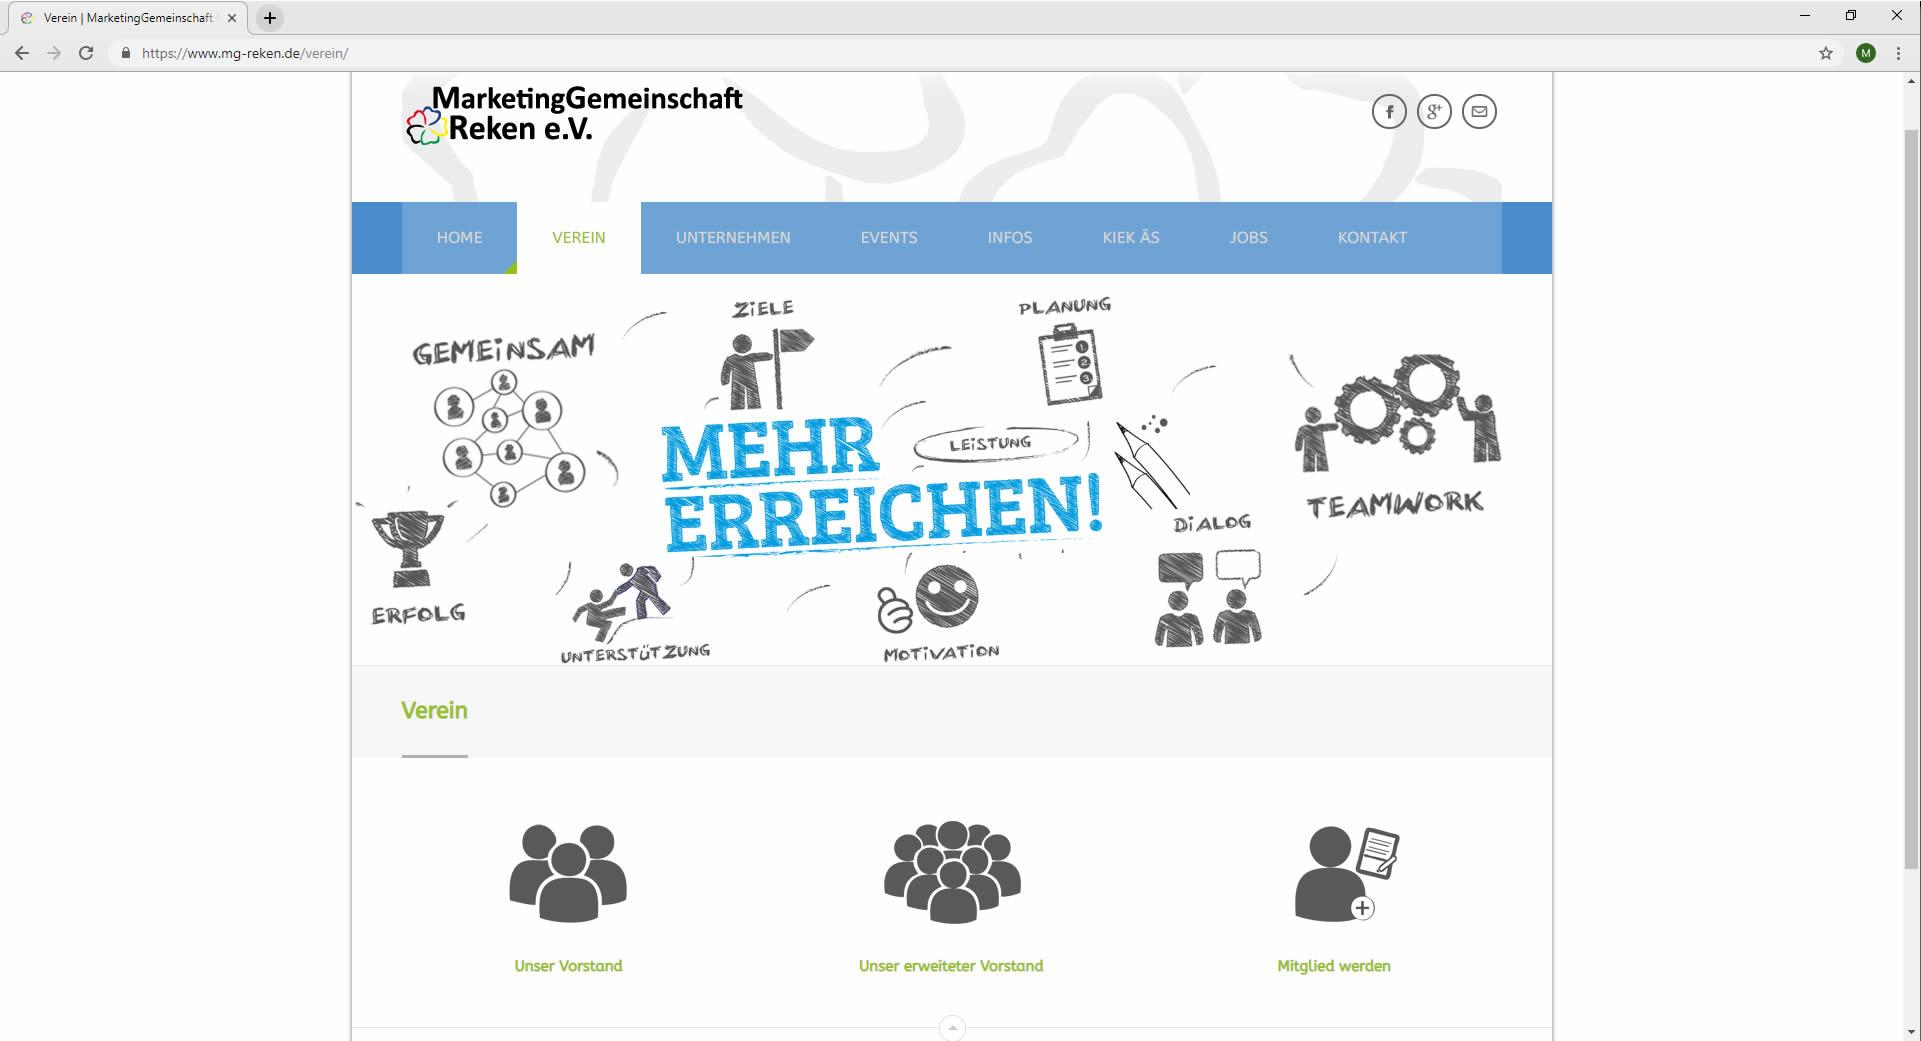 Infoseite Verein Webdesign Marketinggemeinschaft Reken Website mg-reken.de